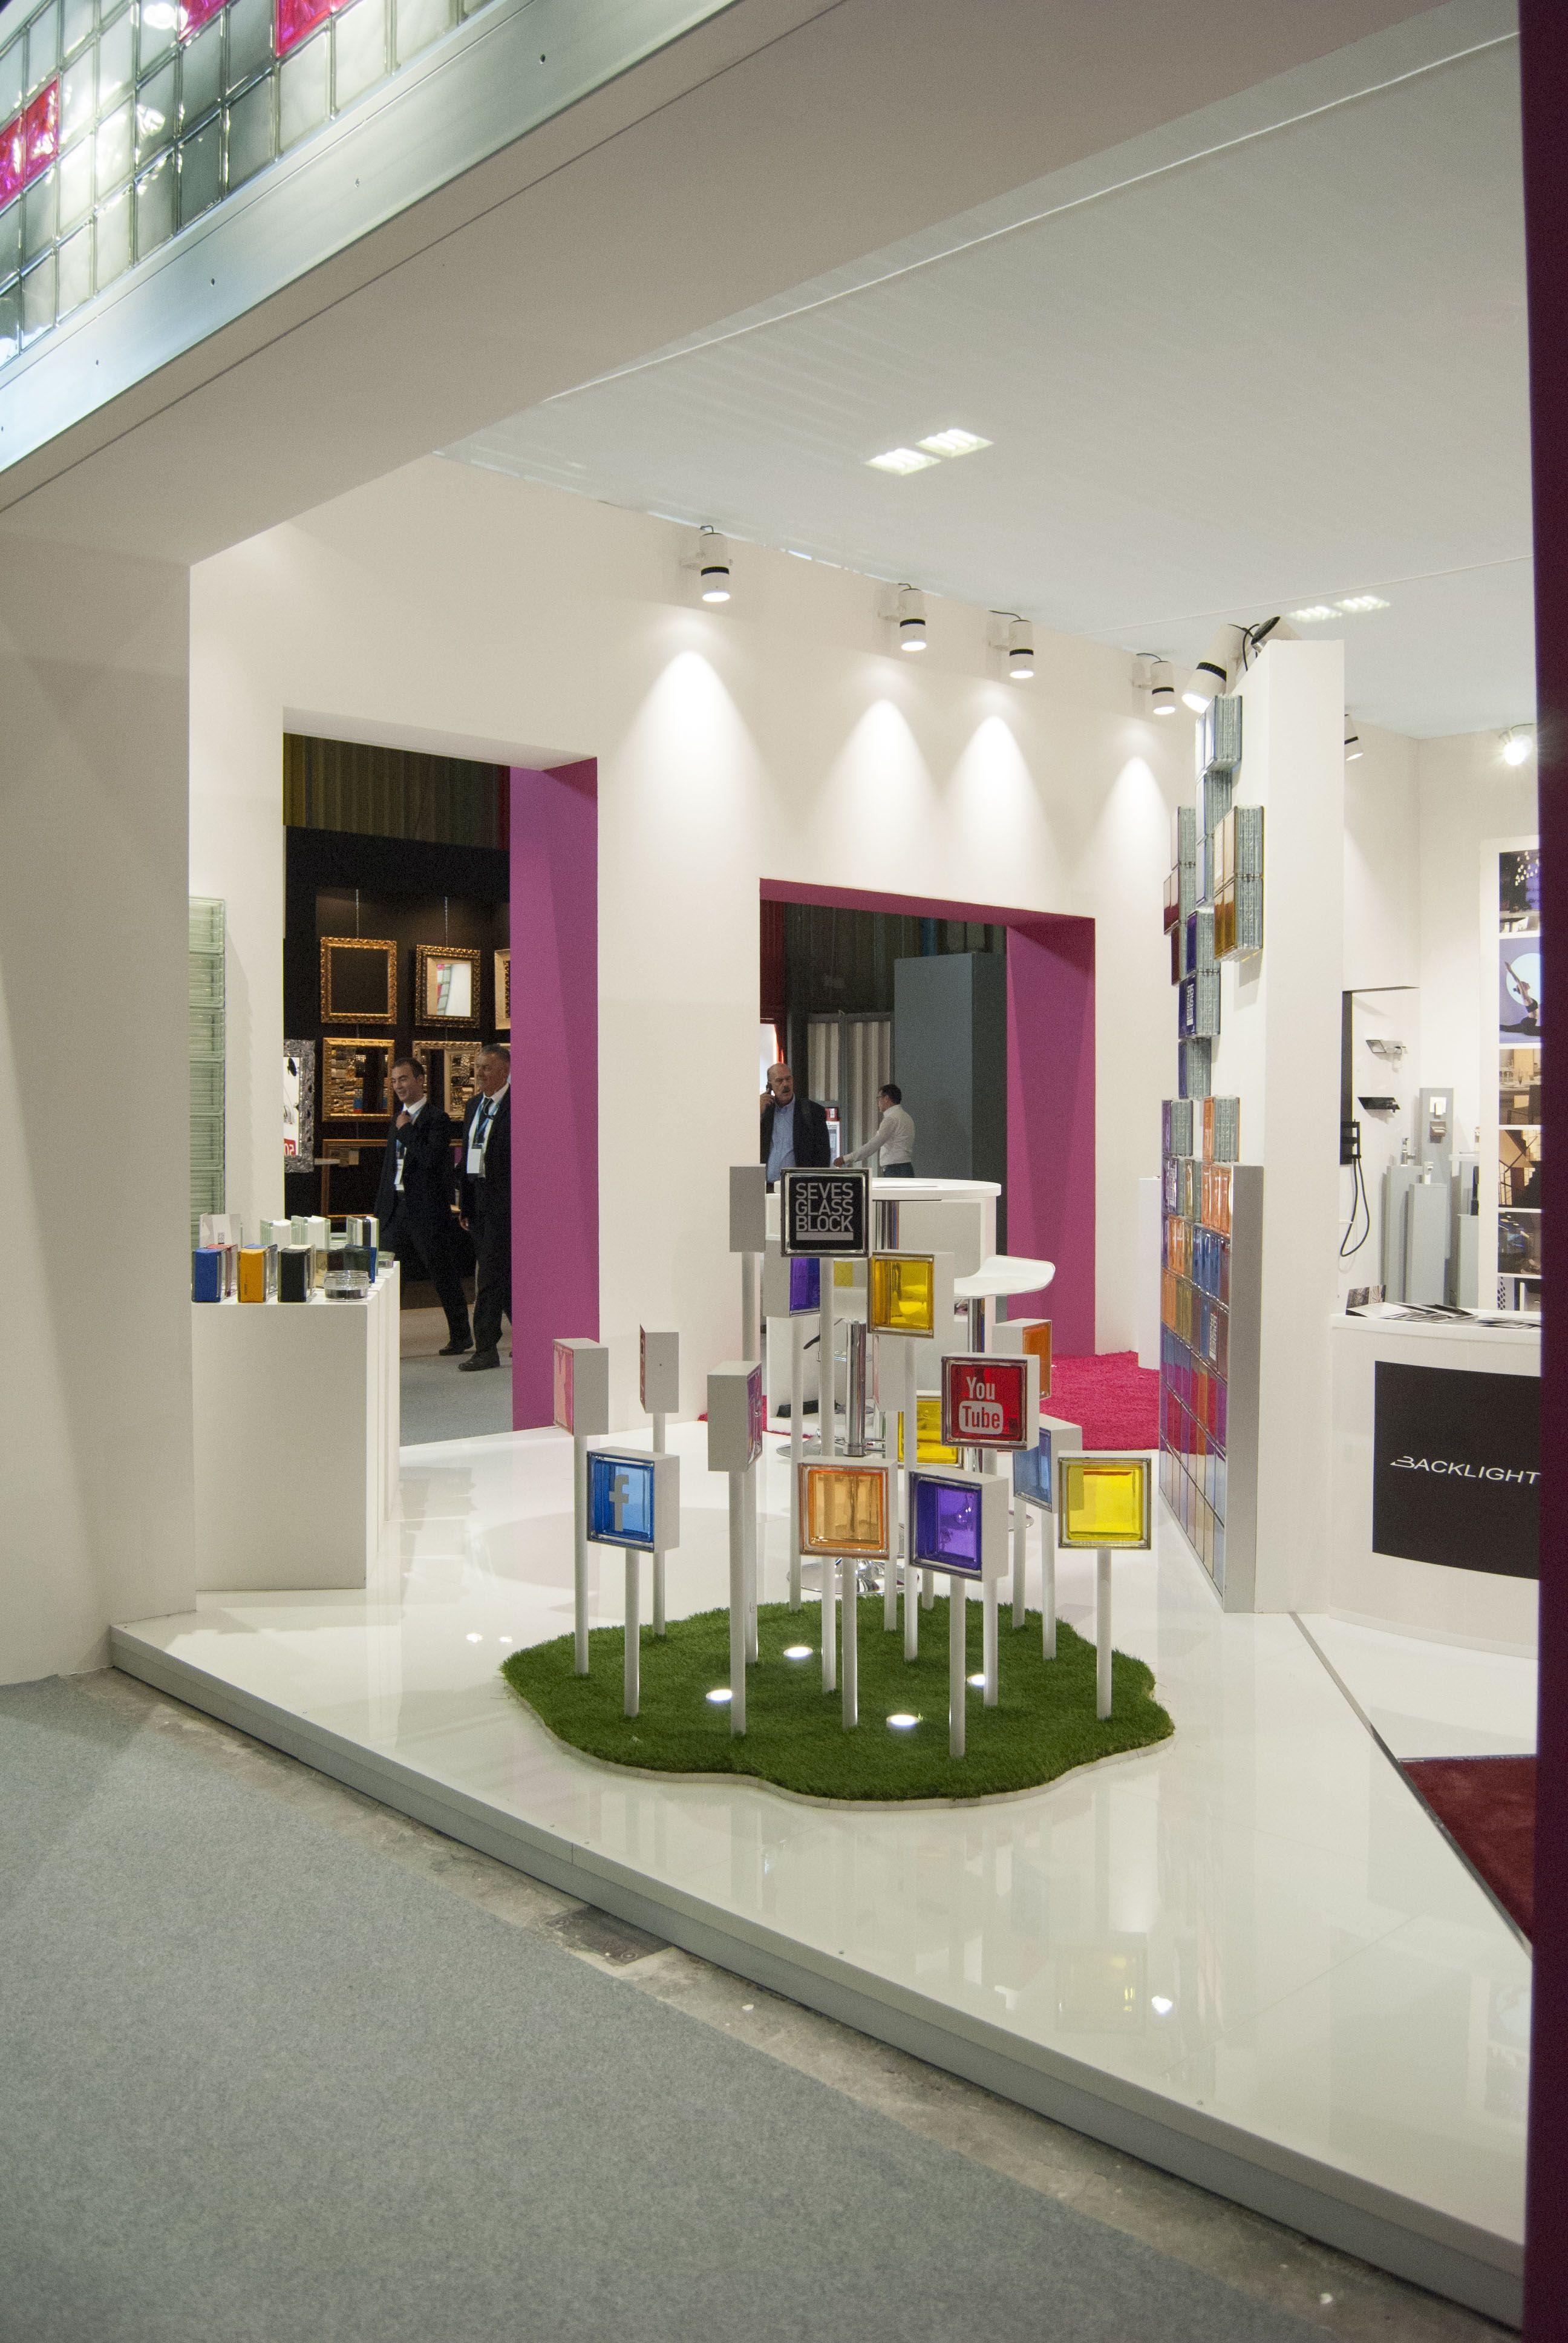 Camere Da Letto Poletti.Pin Di Marco Poletti Su Marco Poletti Cluster Nel 2018 Fashion E